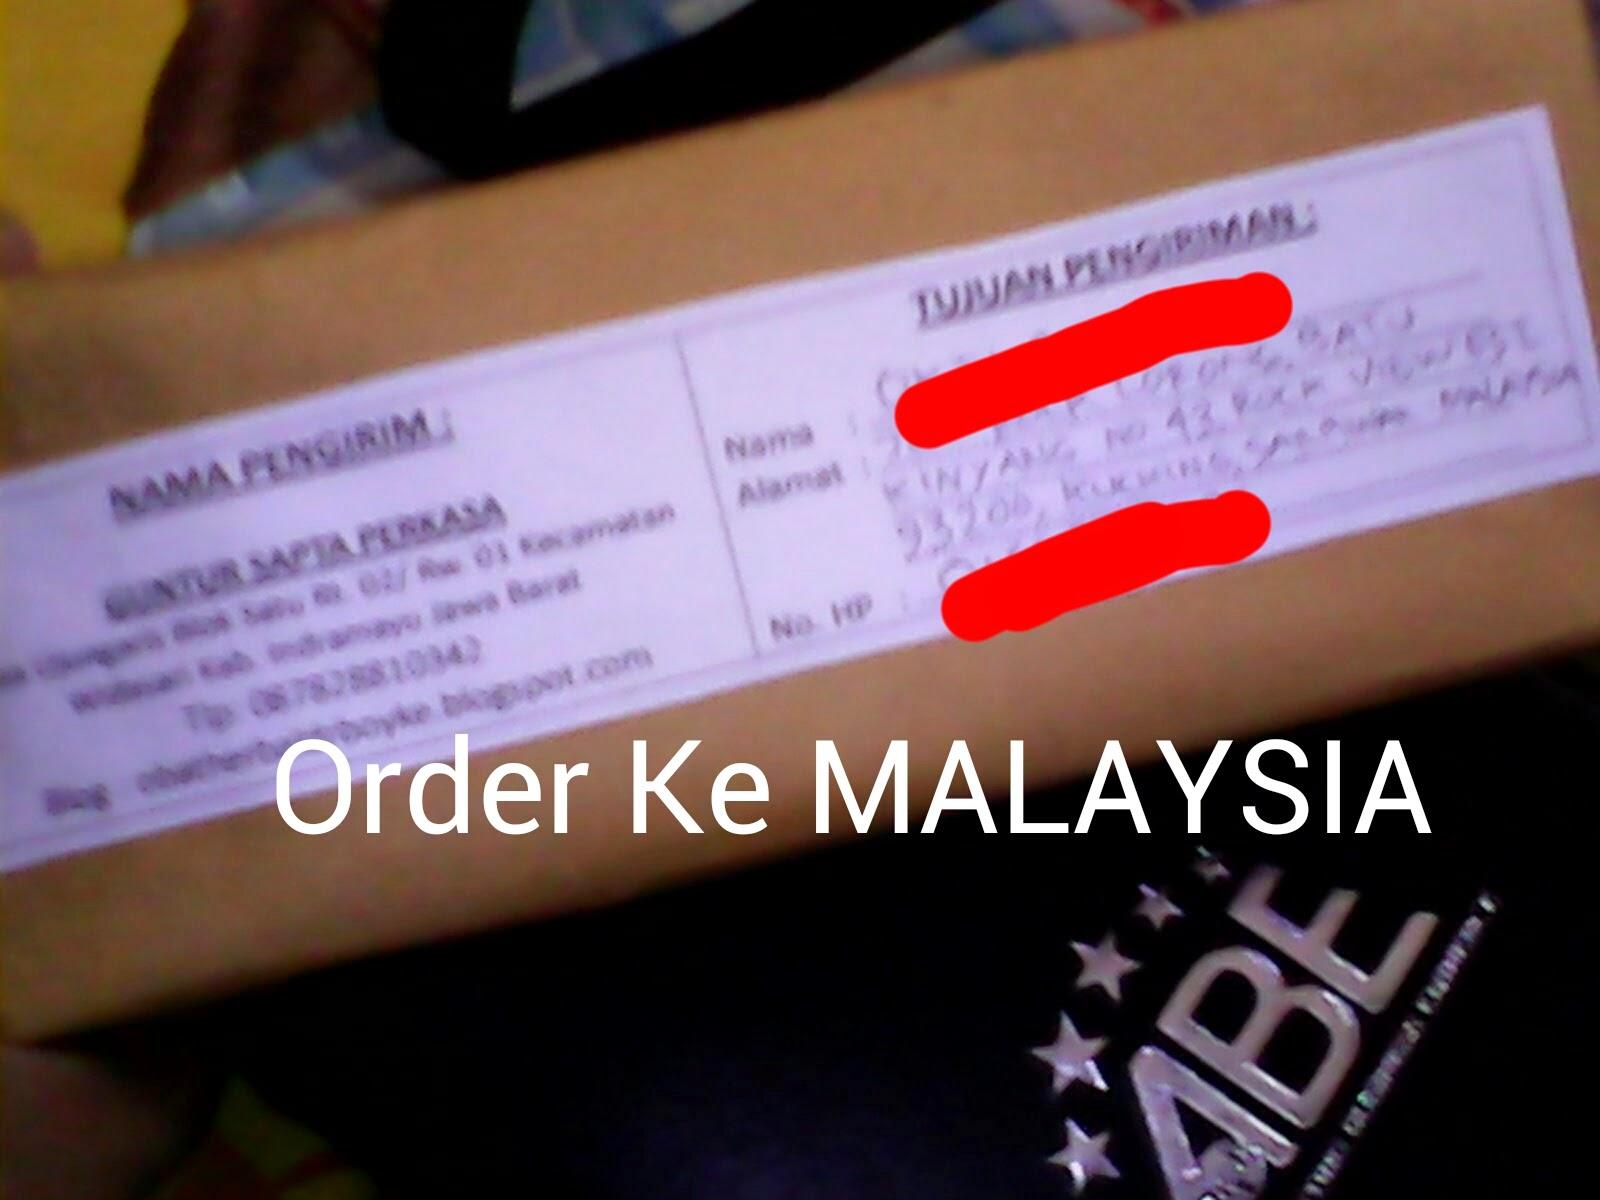 Order Ladyfem Ke Malaysia